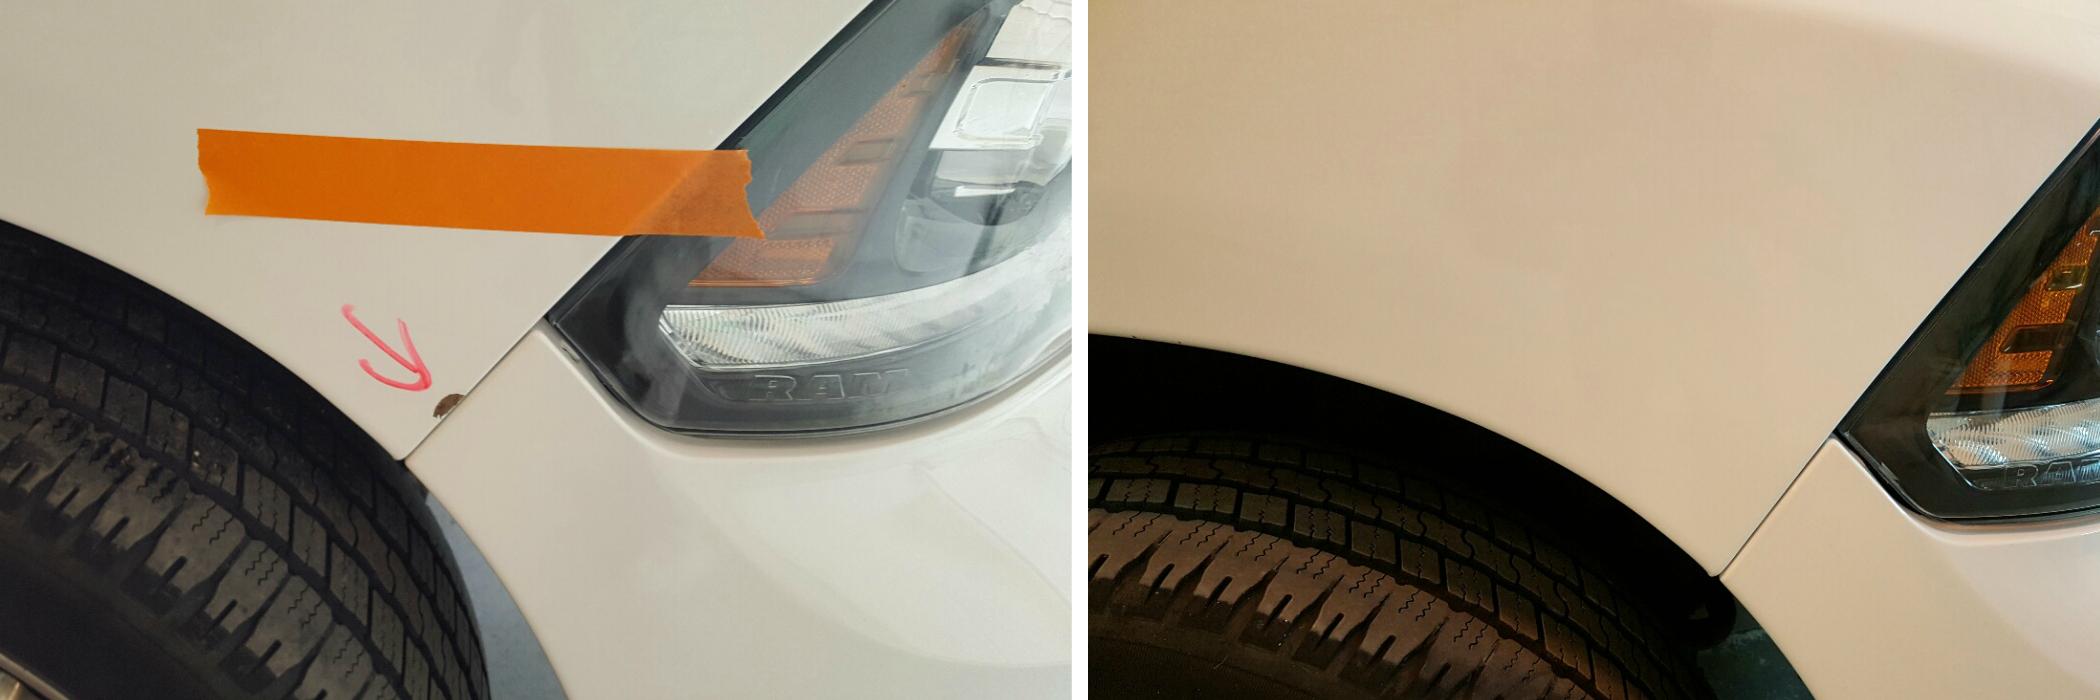 before-after-bumper-repair-16-1